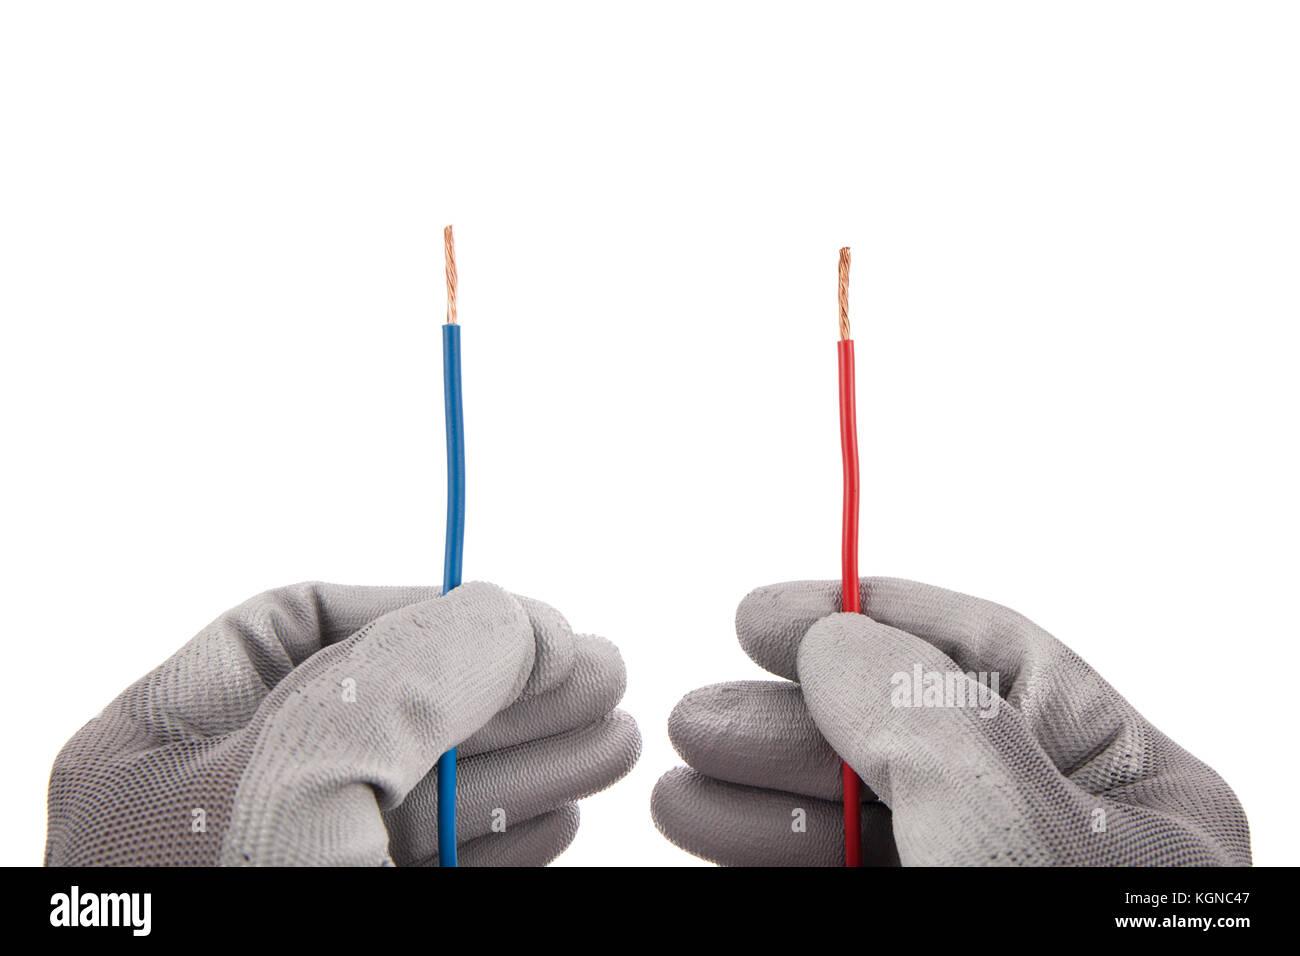 Rot und Blau parallele Drähte in den Händen mit Schutzhandschuhen auf weißem Hintergrund Stockbild